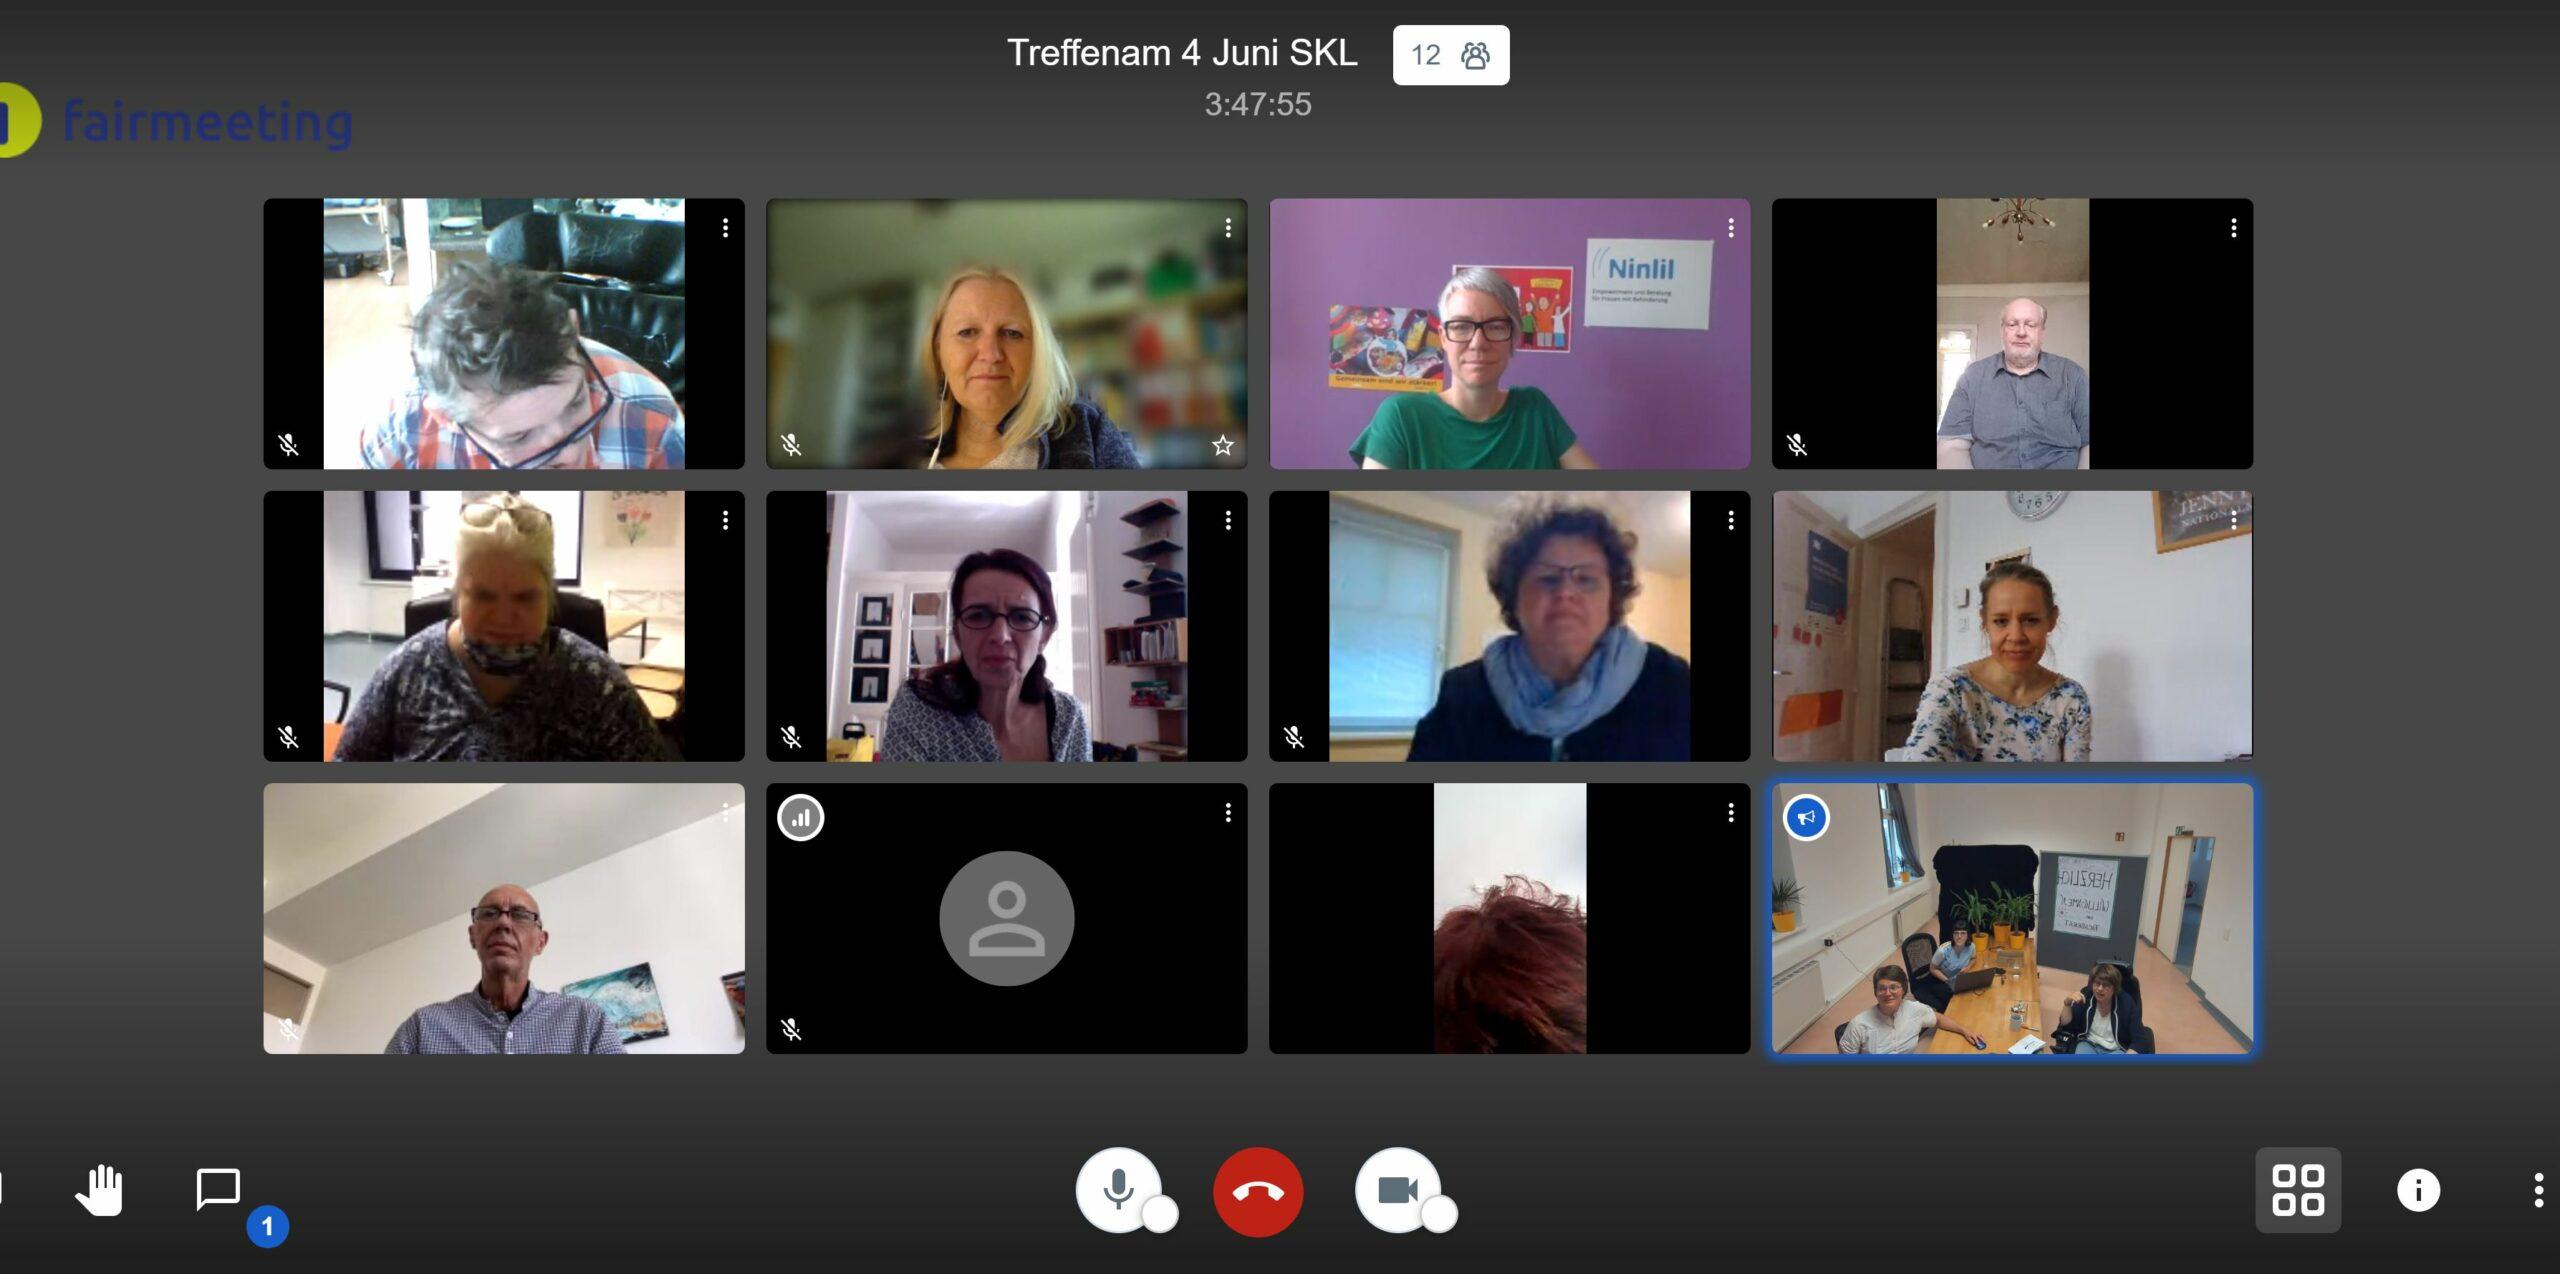 Das Bild zeigt einen Computerbildschirm. Man sieht verschiedene Personen in einem kleinen Rahmen. Diese Personen nehmen an einer Videokonferenz teil. Die Videokonferenz ist das erste Treffen des Fachbeirats der Agentur Sonnenklar